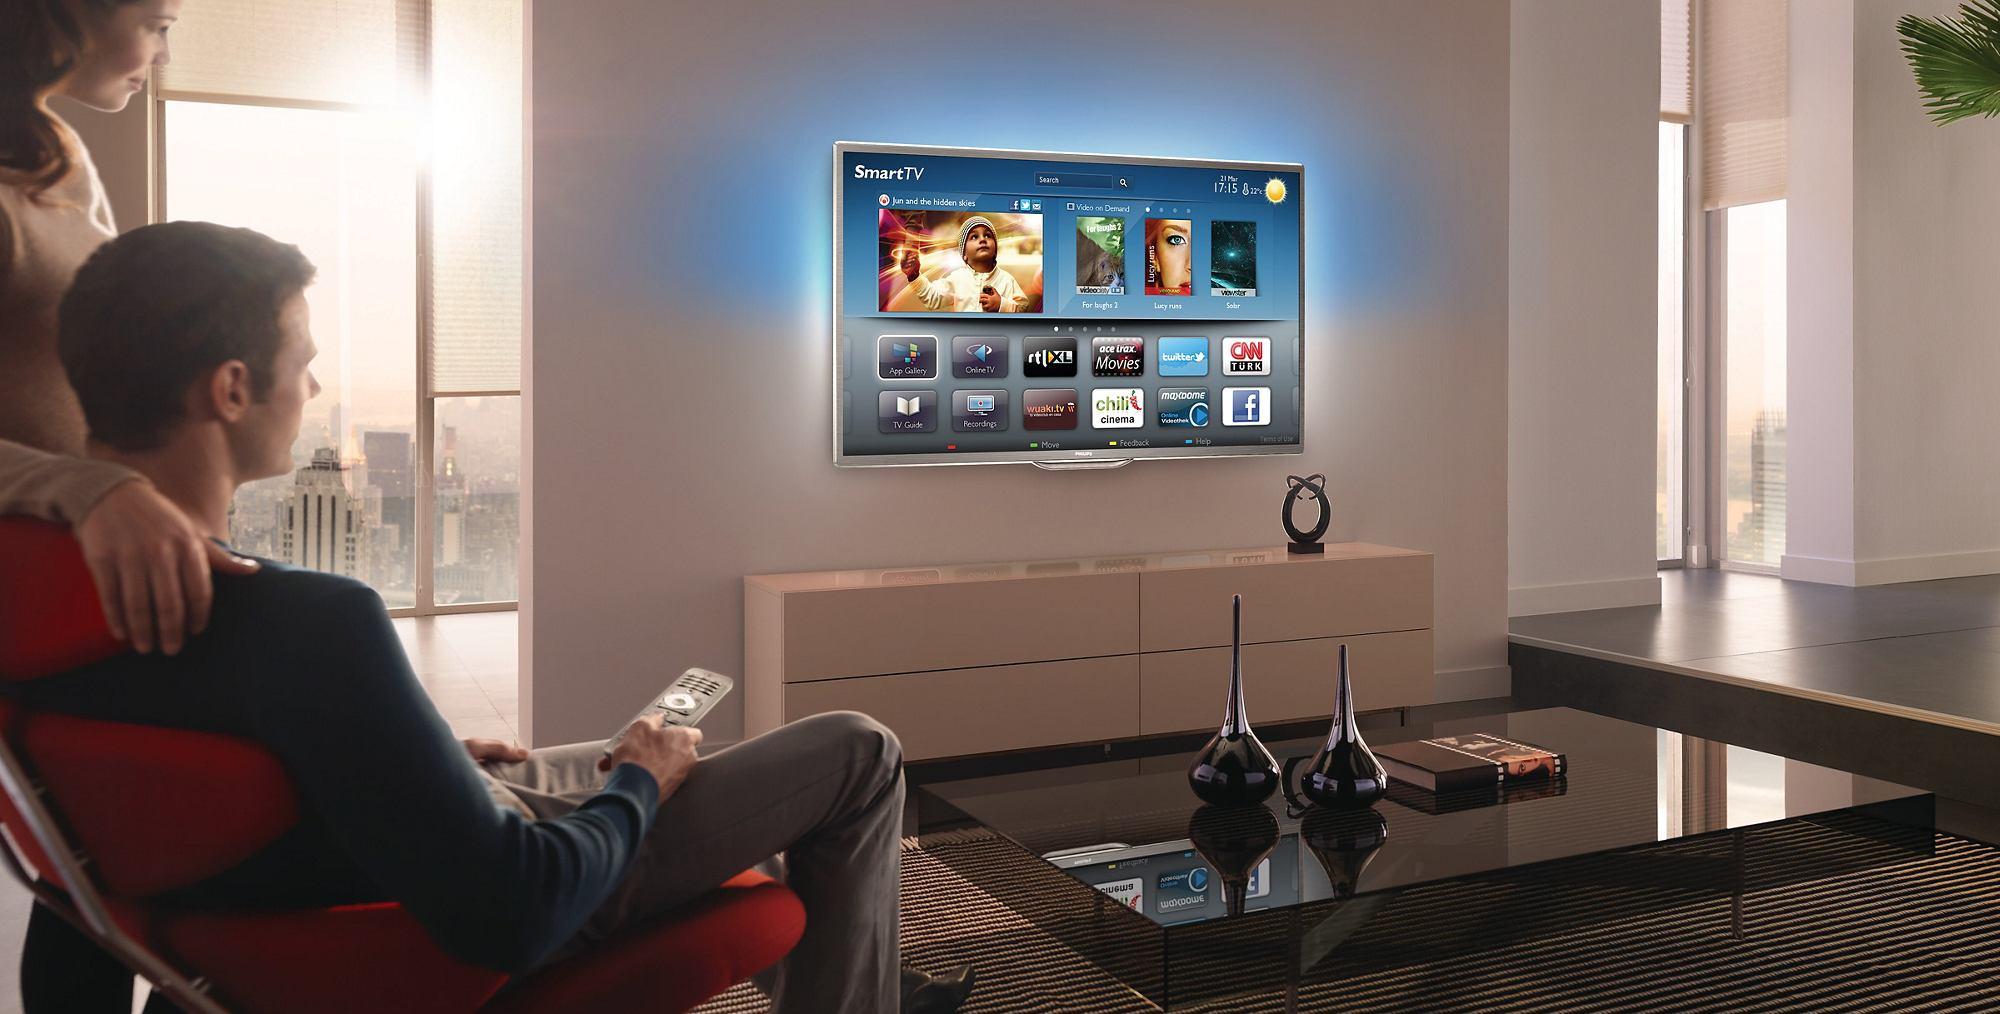 Jouw televisie kalibreren: 9 tips voor de beste beeldkwaliteit